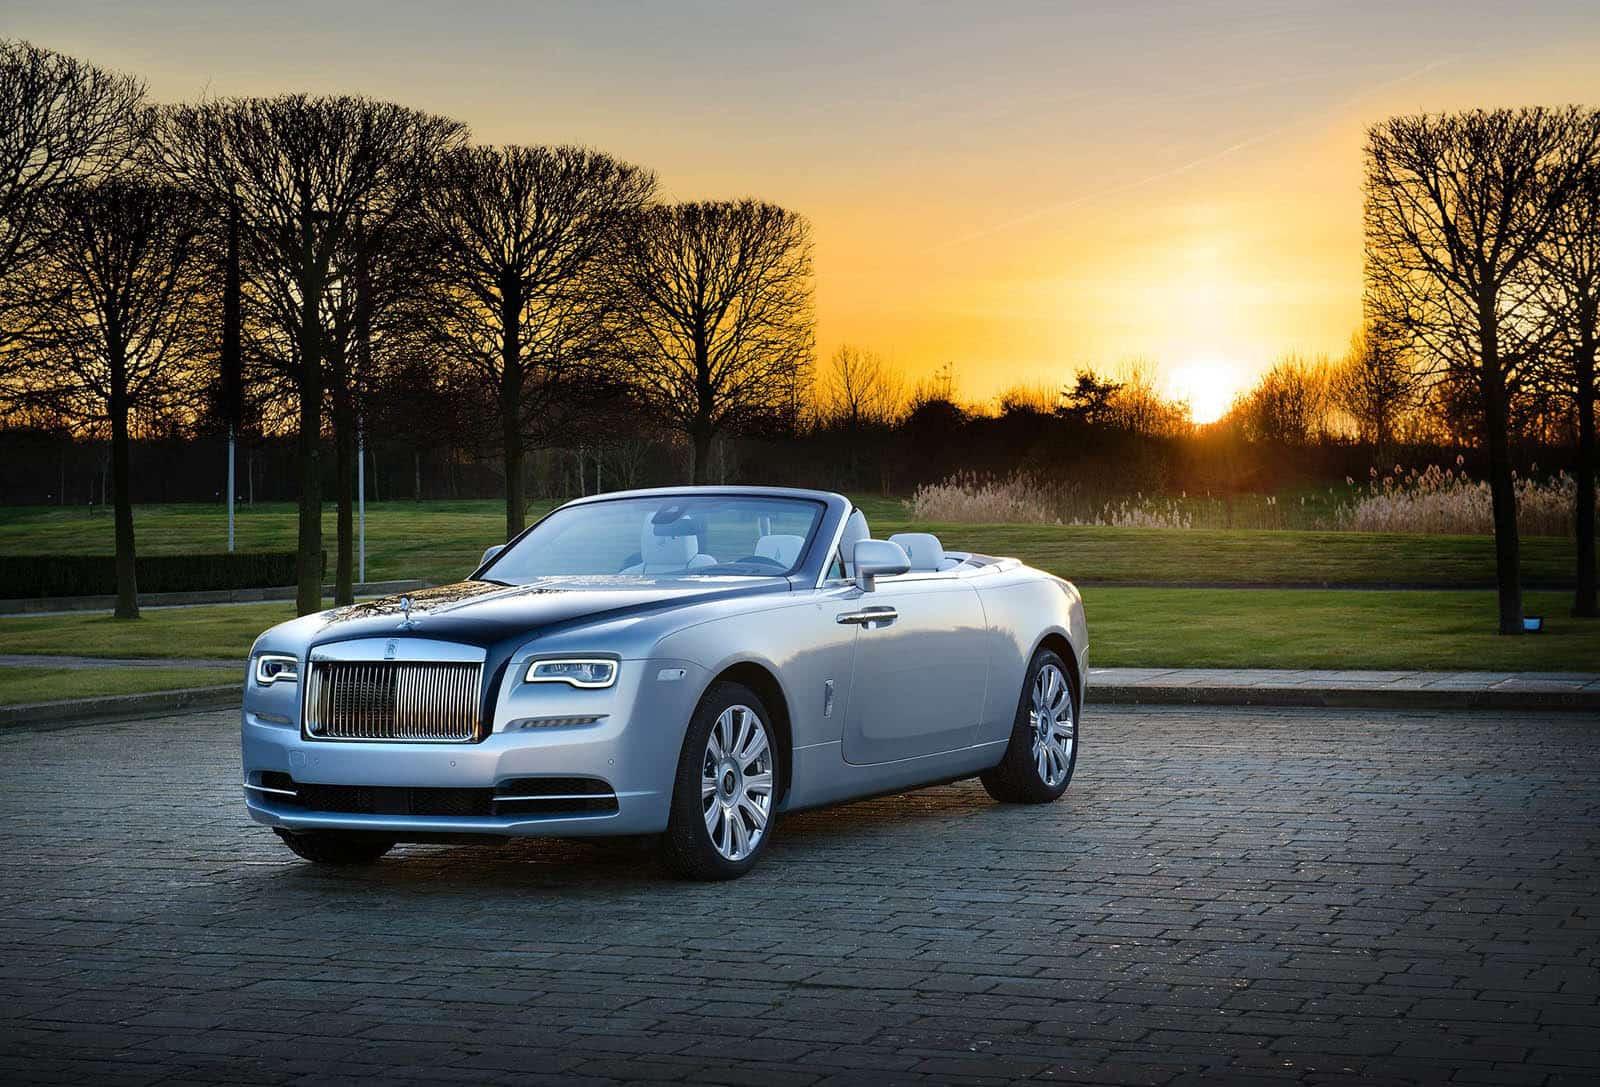 Rolls-Royce Wisdom Editions